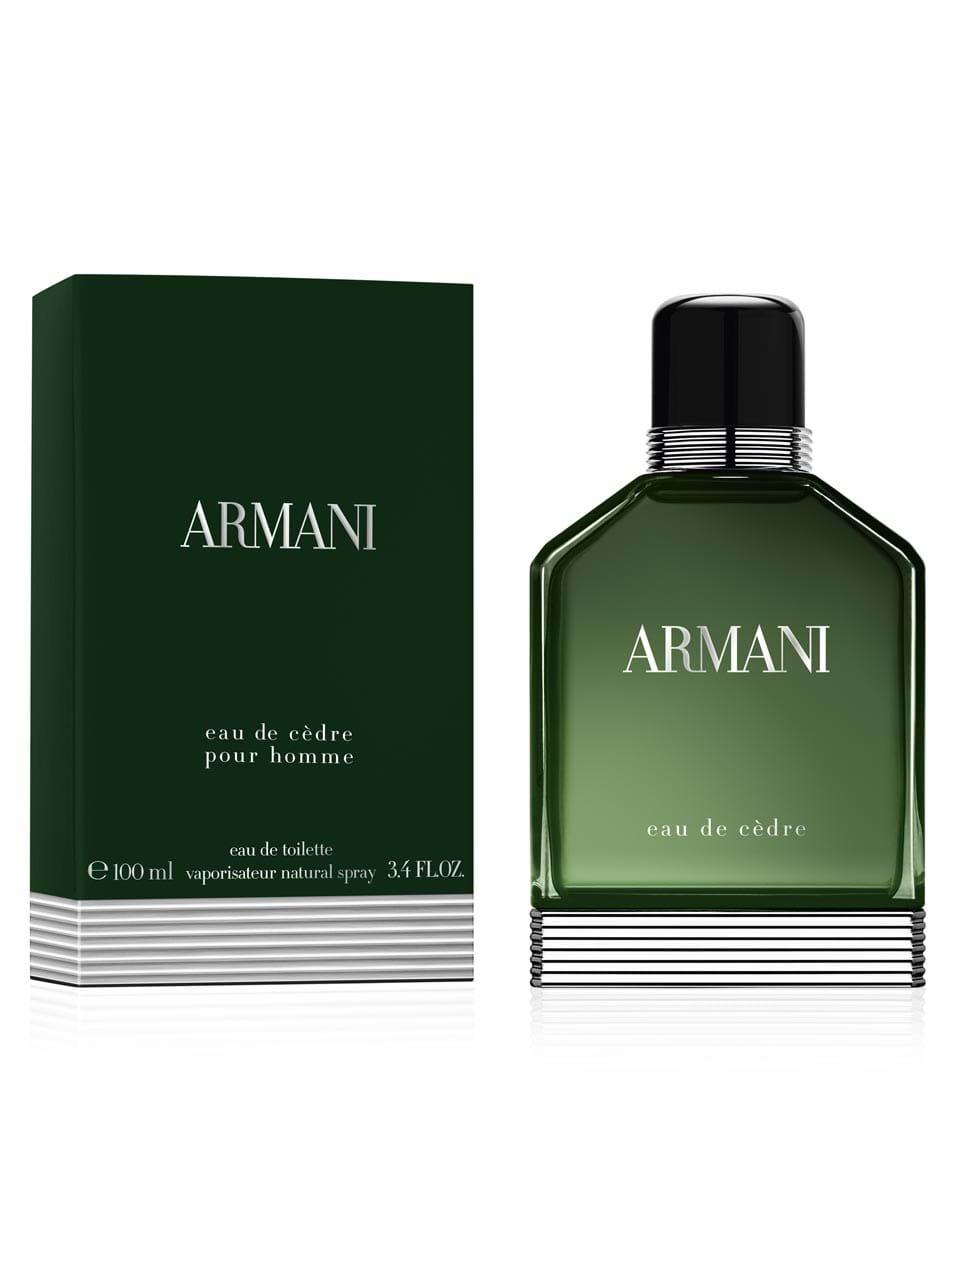 Eau Homme Giorgio Armani Cèdre 100 Ml De Pour Toilette shQtxBrdC